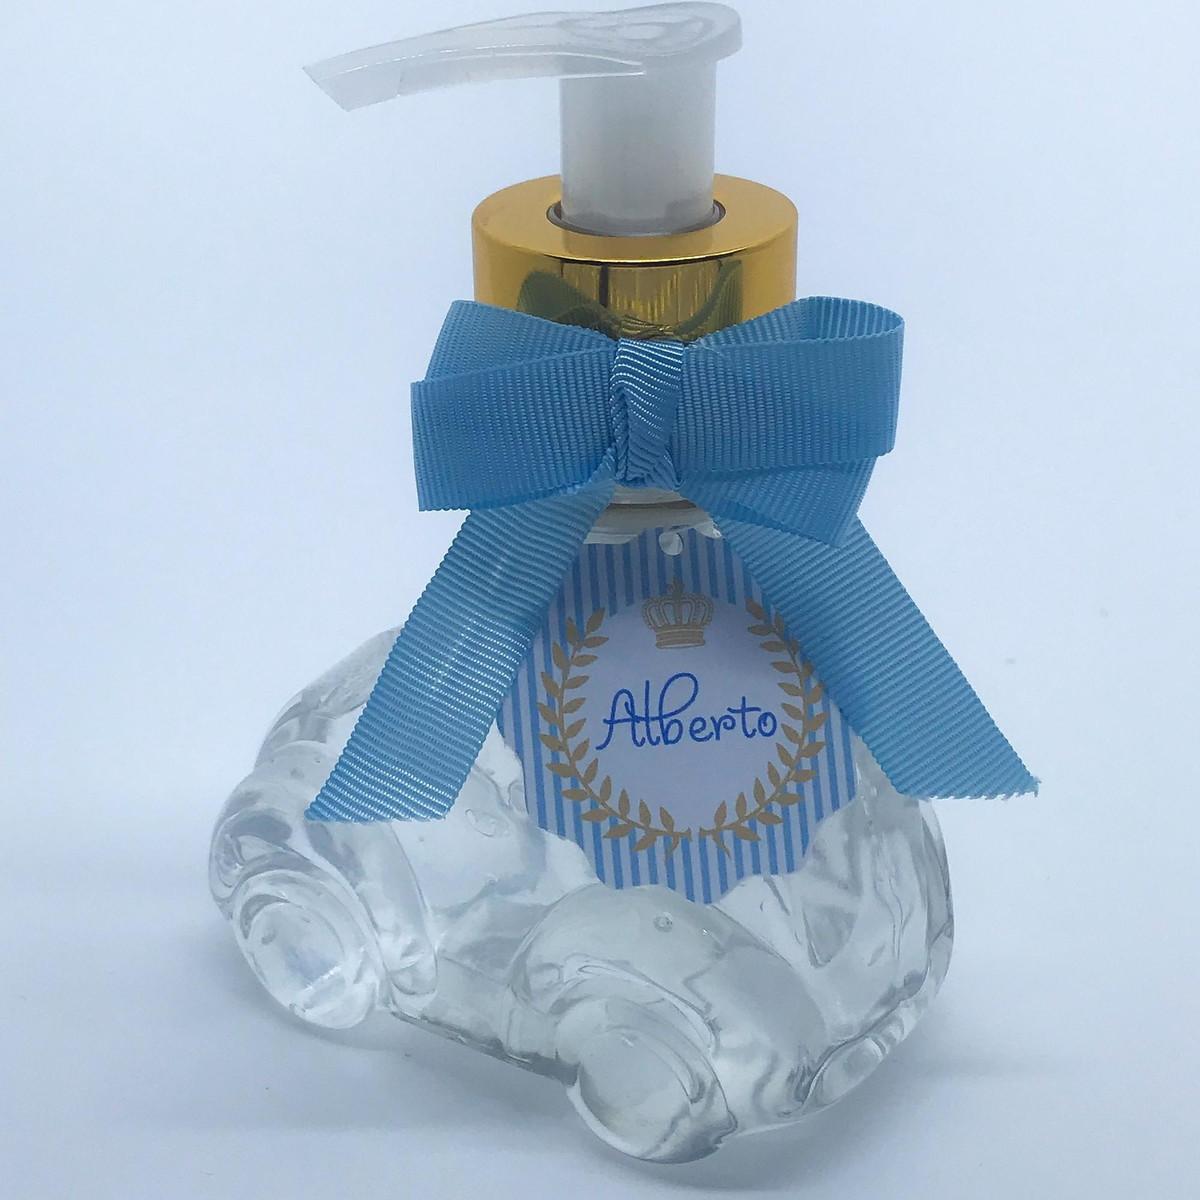 765a51d5433cc Frasco de álcool gel formato carrinho no Elo7   Mimo Chique Ateliê ...